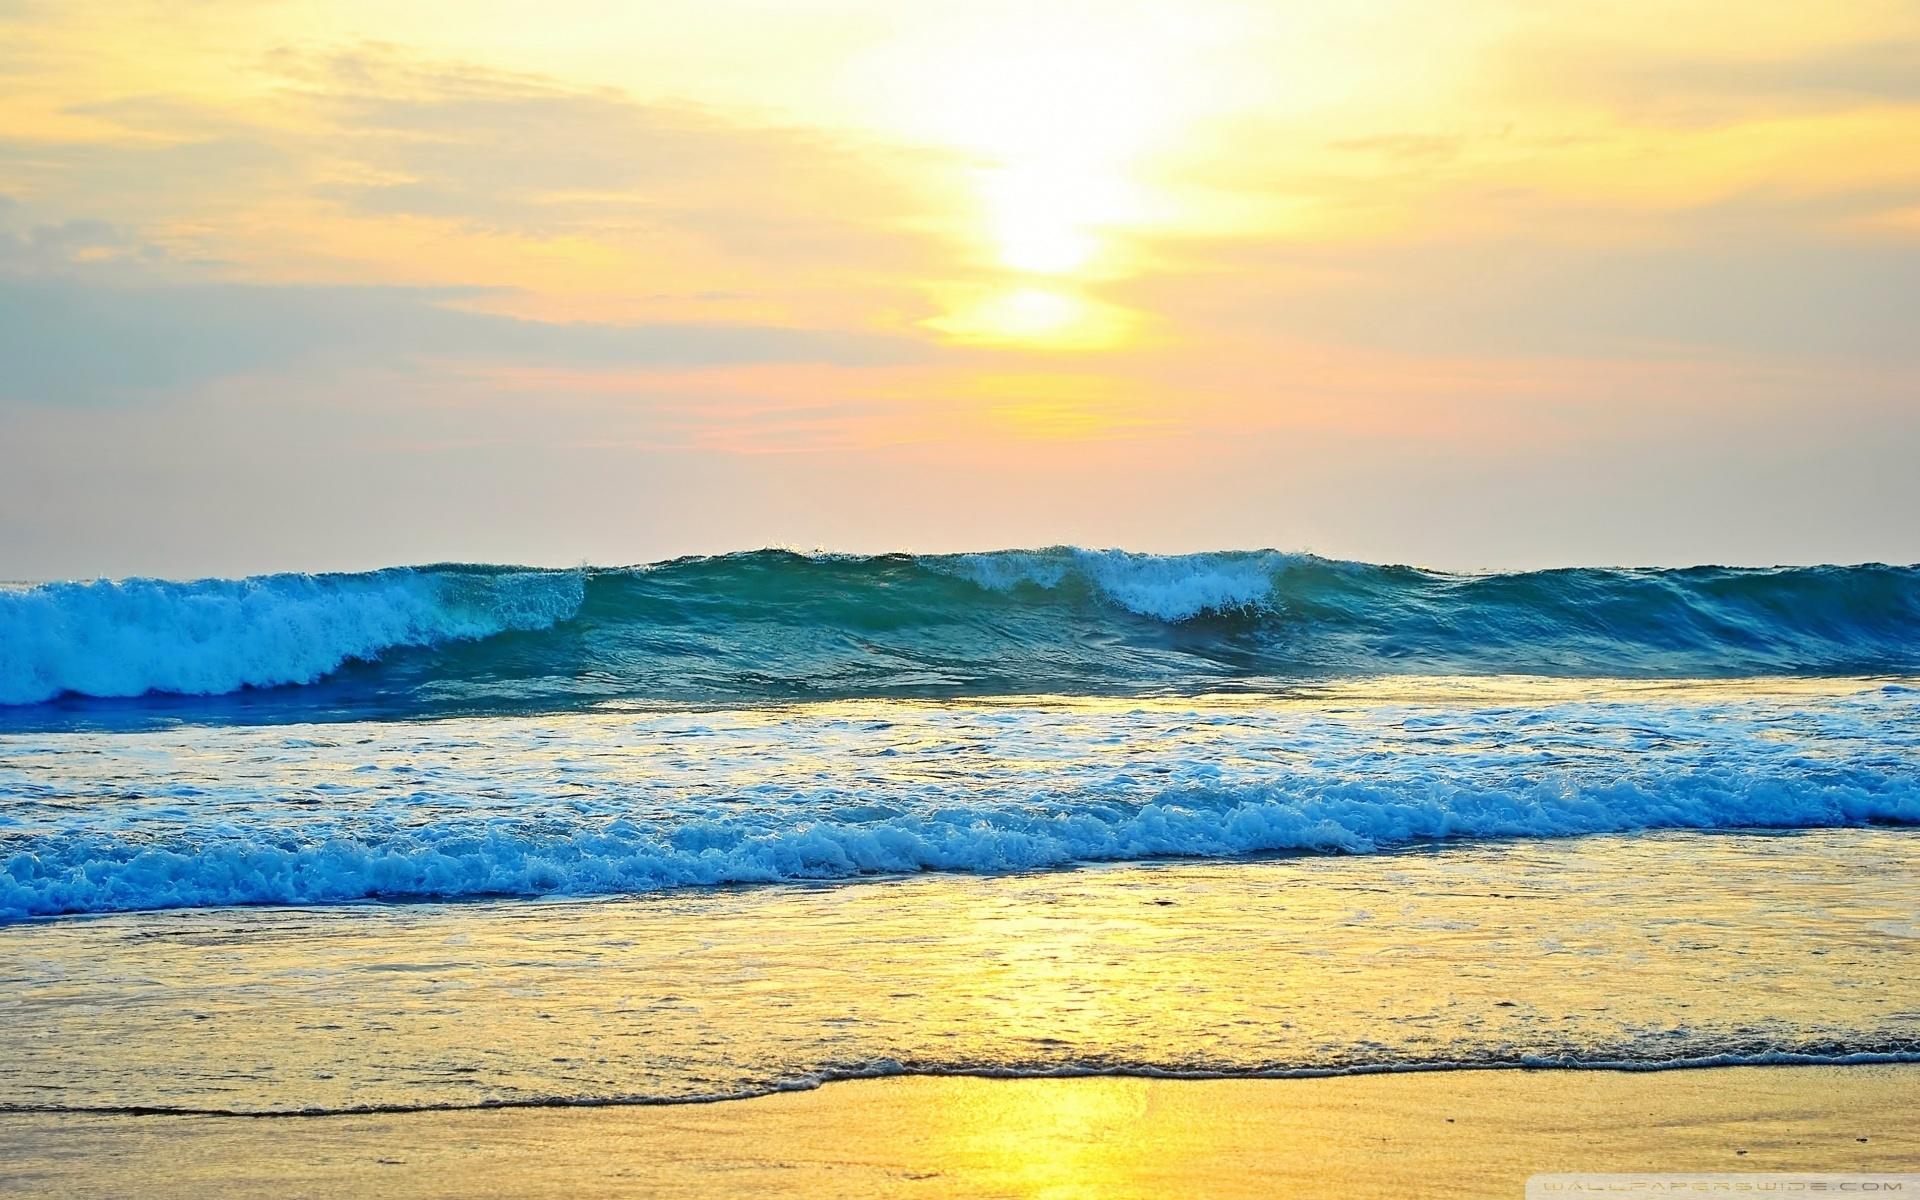 22393 скачать обои Пейзаж, Закат, Море, Волны, Пляж - заставки и картинки бесплатно